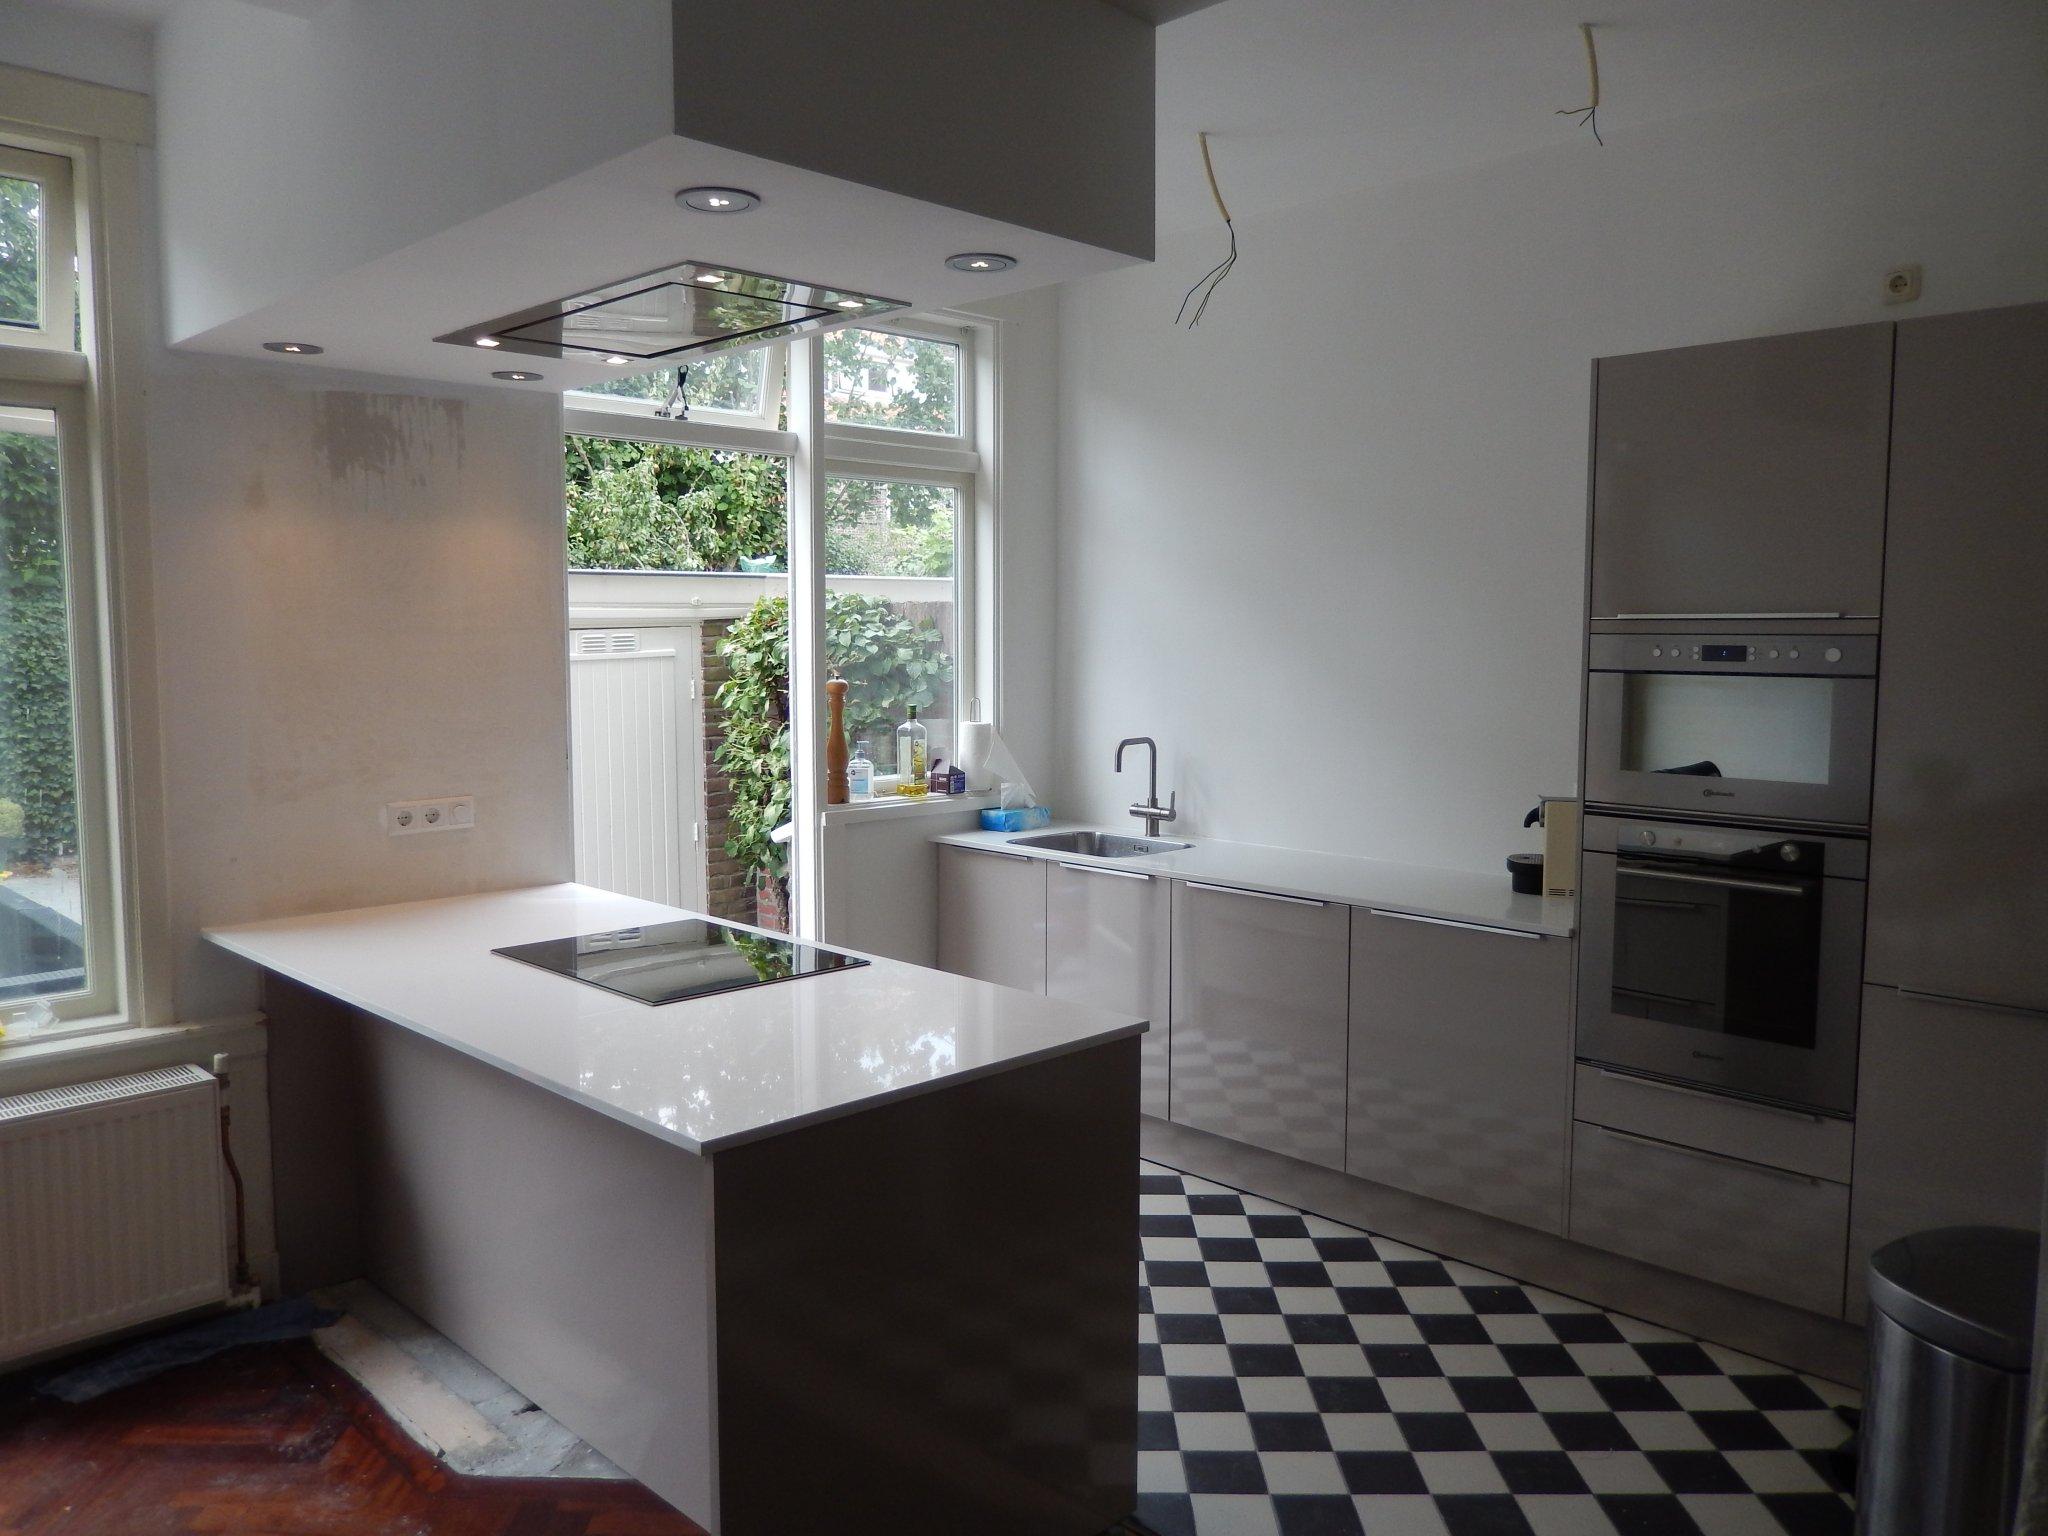 Diy idee keuken - Open keuken idee ...